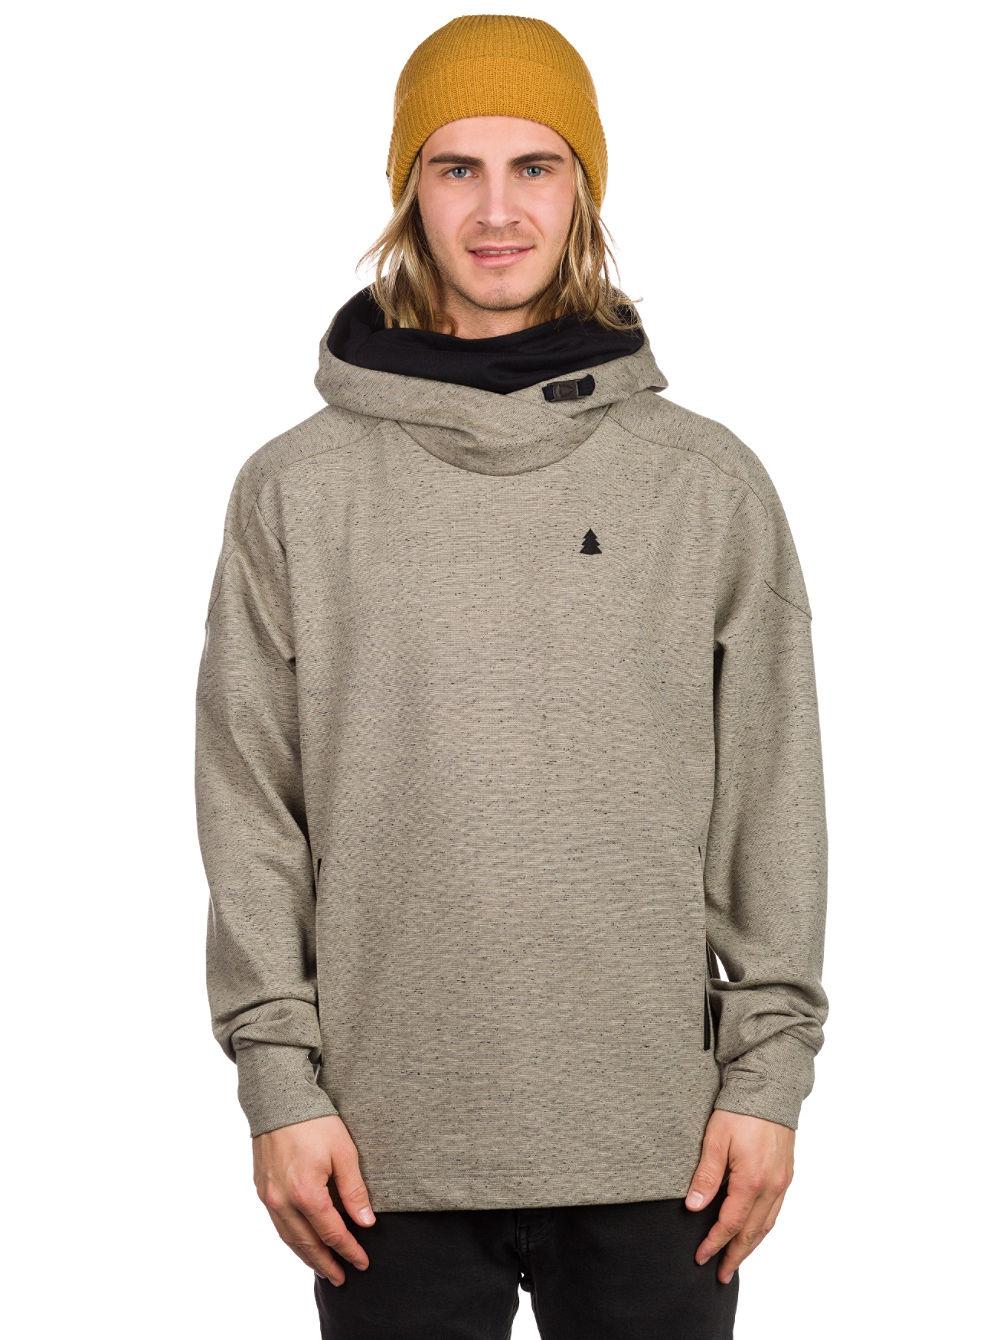 pinetime-sunrise-premium-hoodie